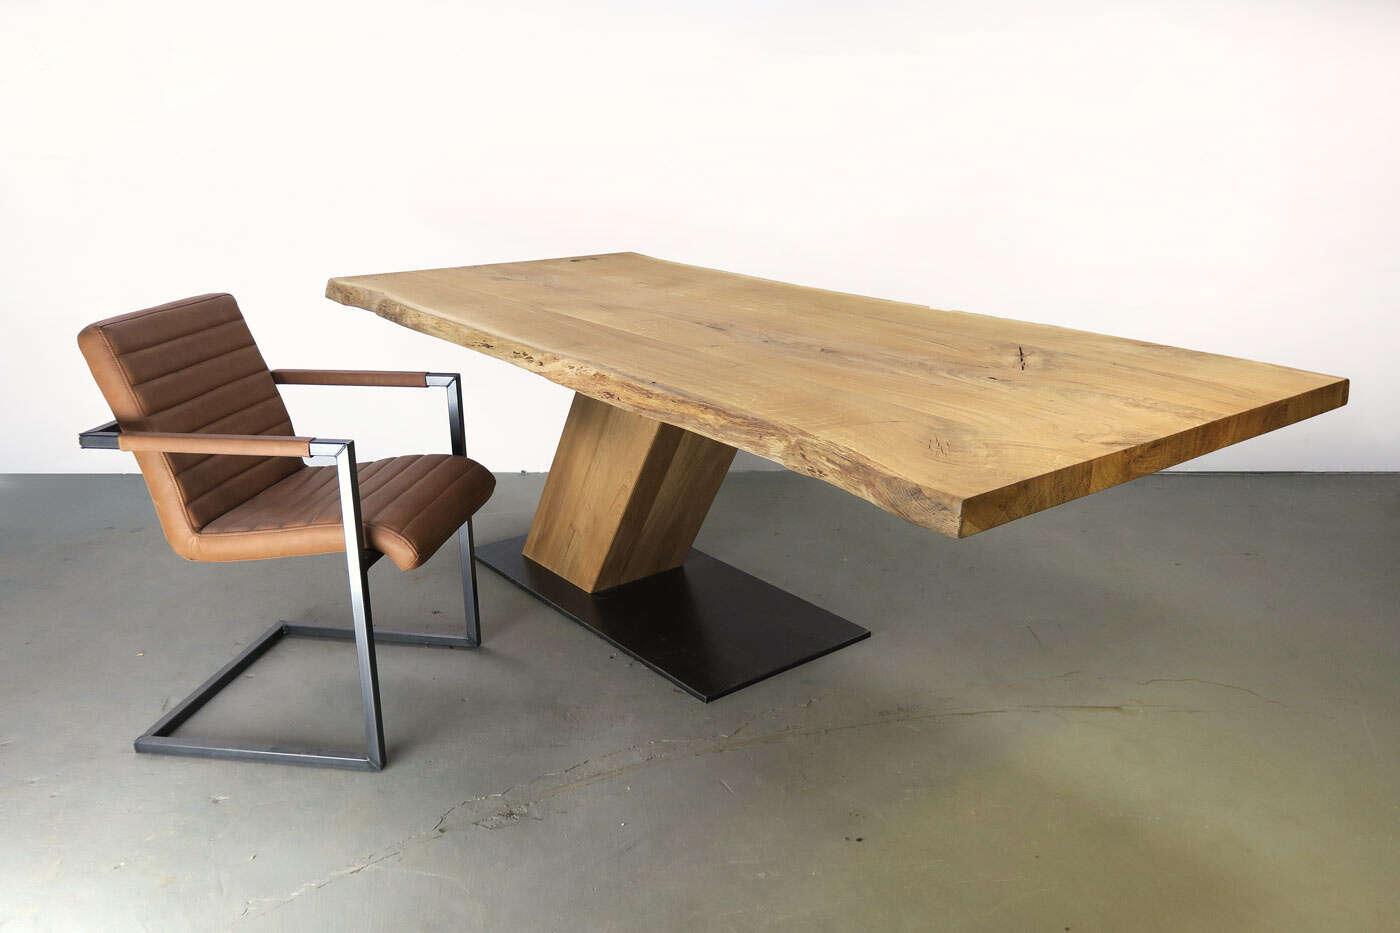 tisch mittelfu gestell nyborg eiche mittelfu gestell. Black Bedroom Furniture Sets. Home Design Ideas